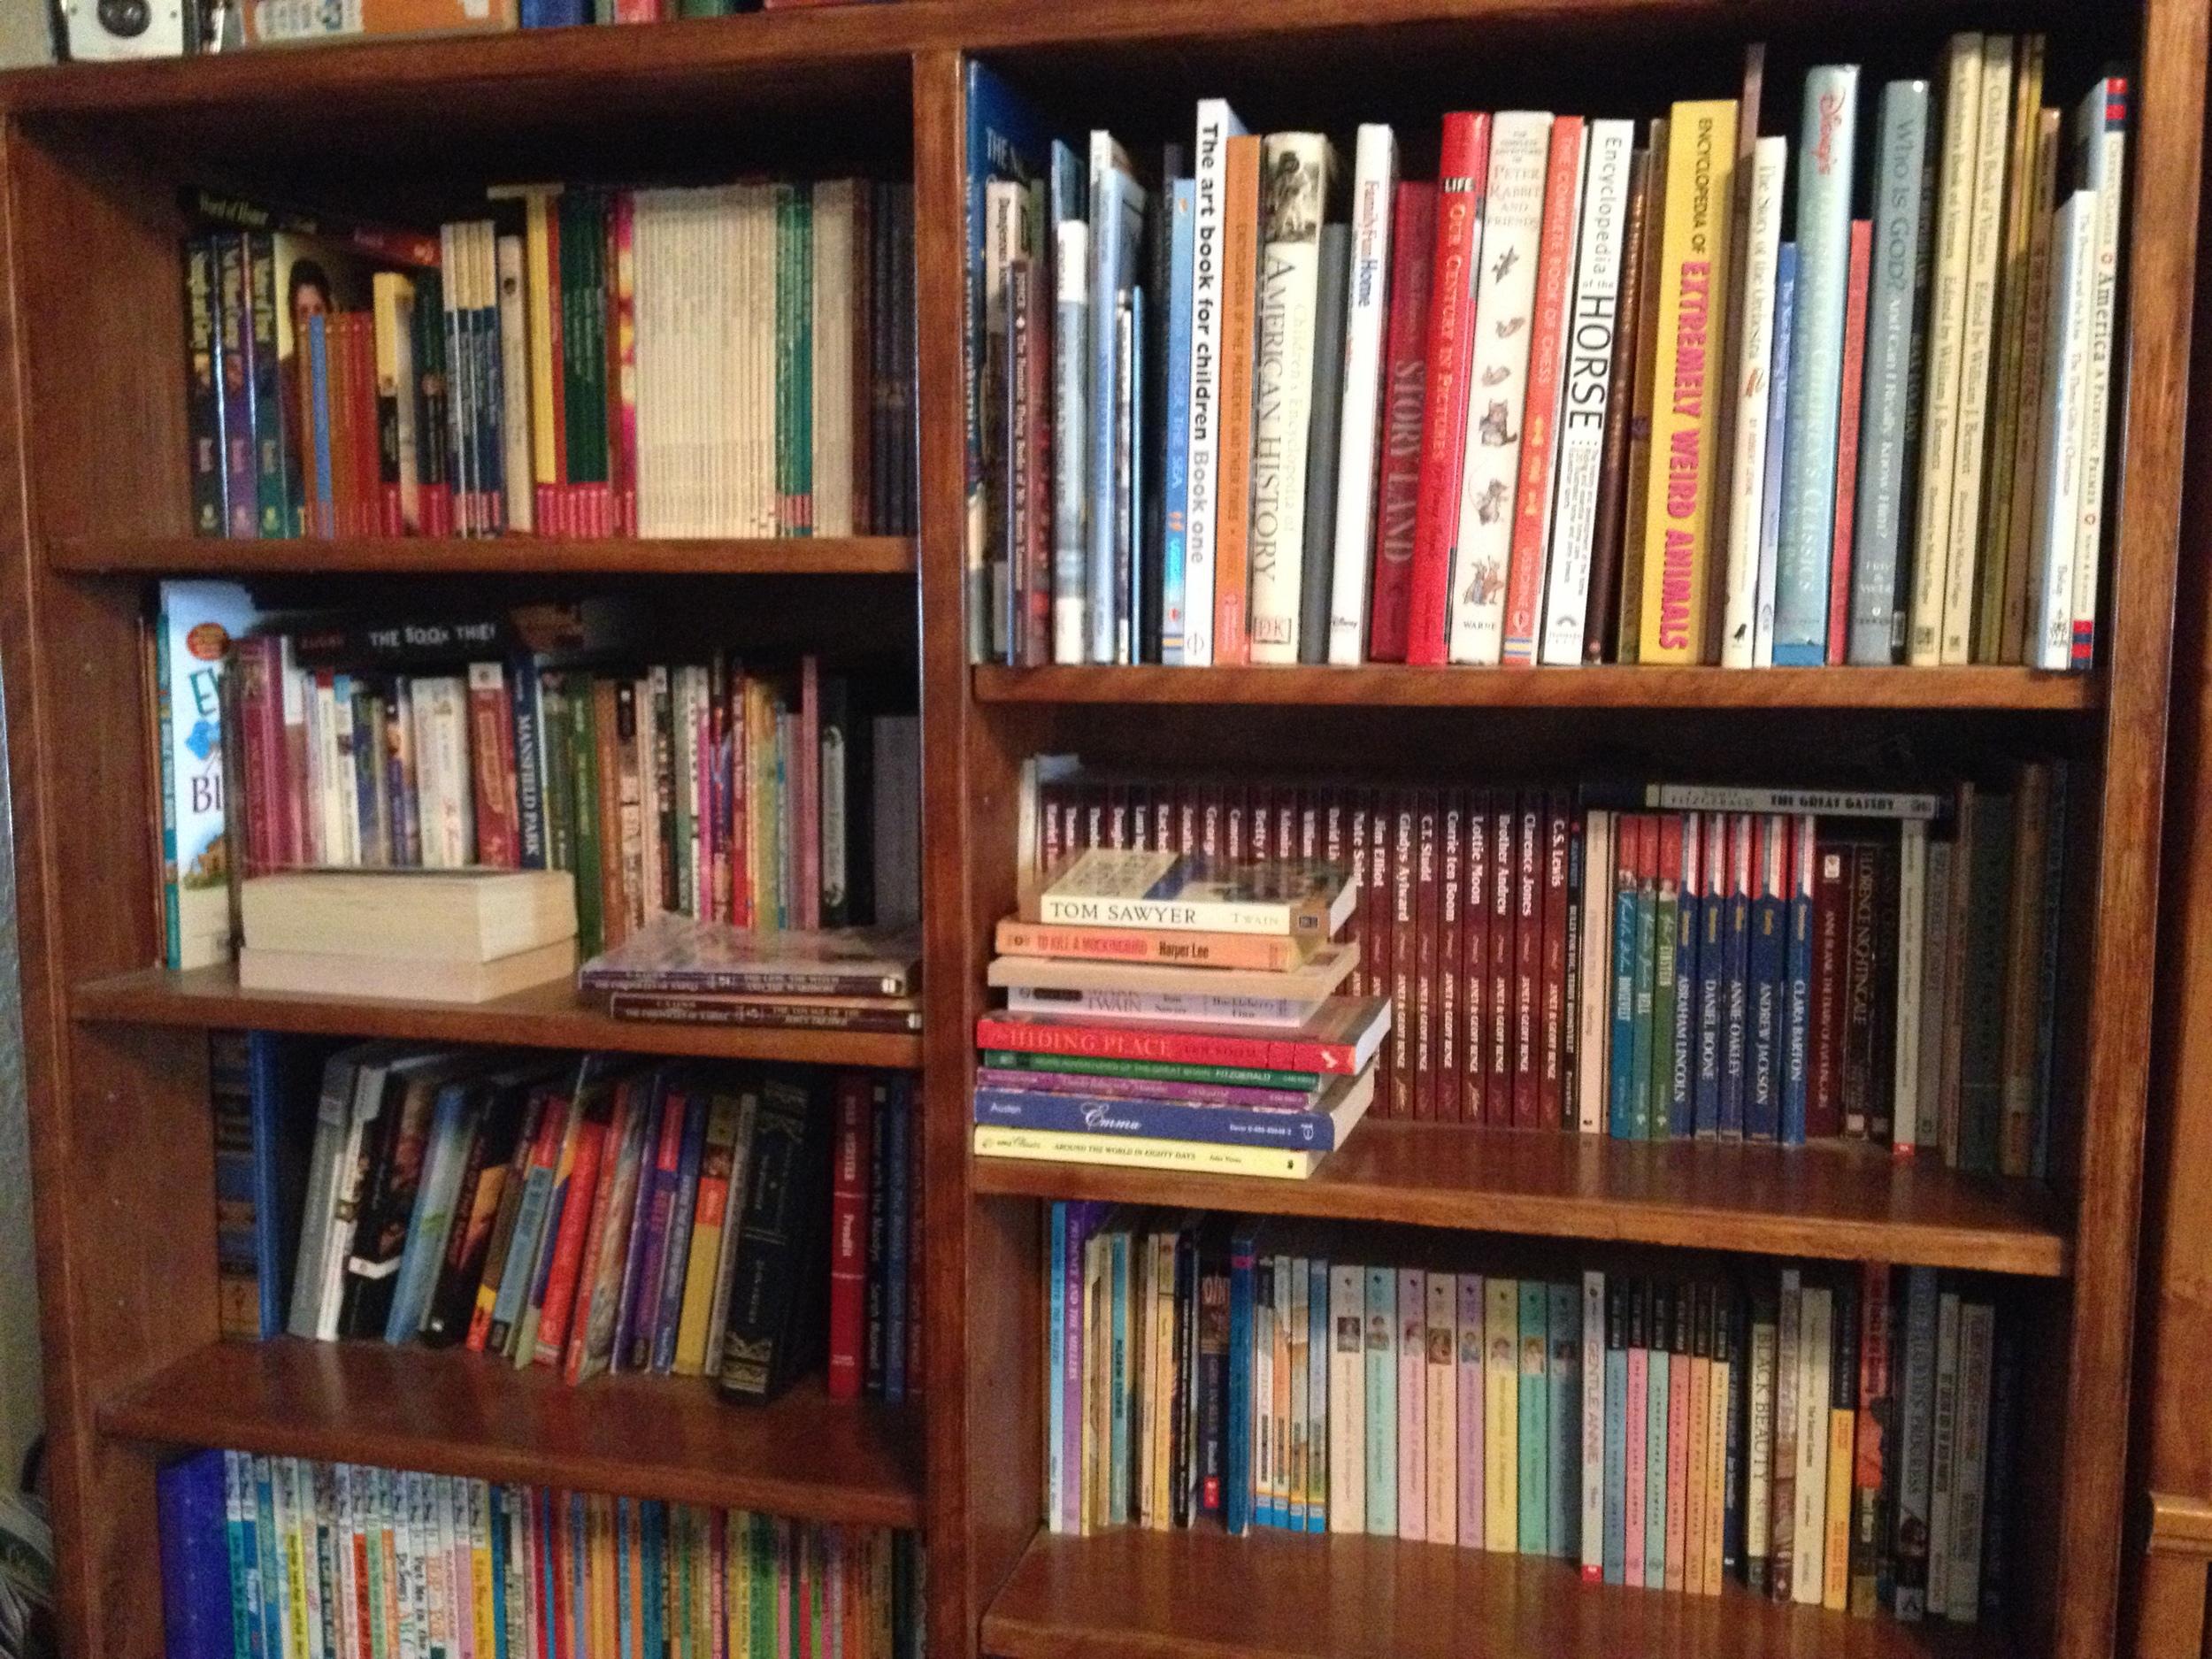 one full bookshelf